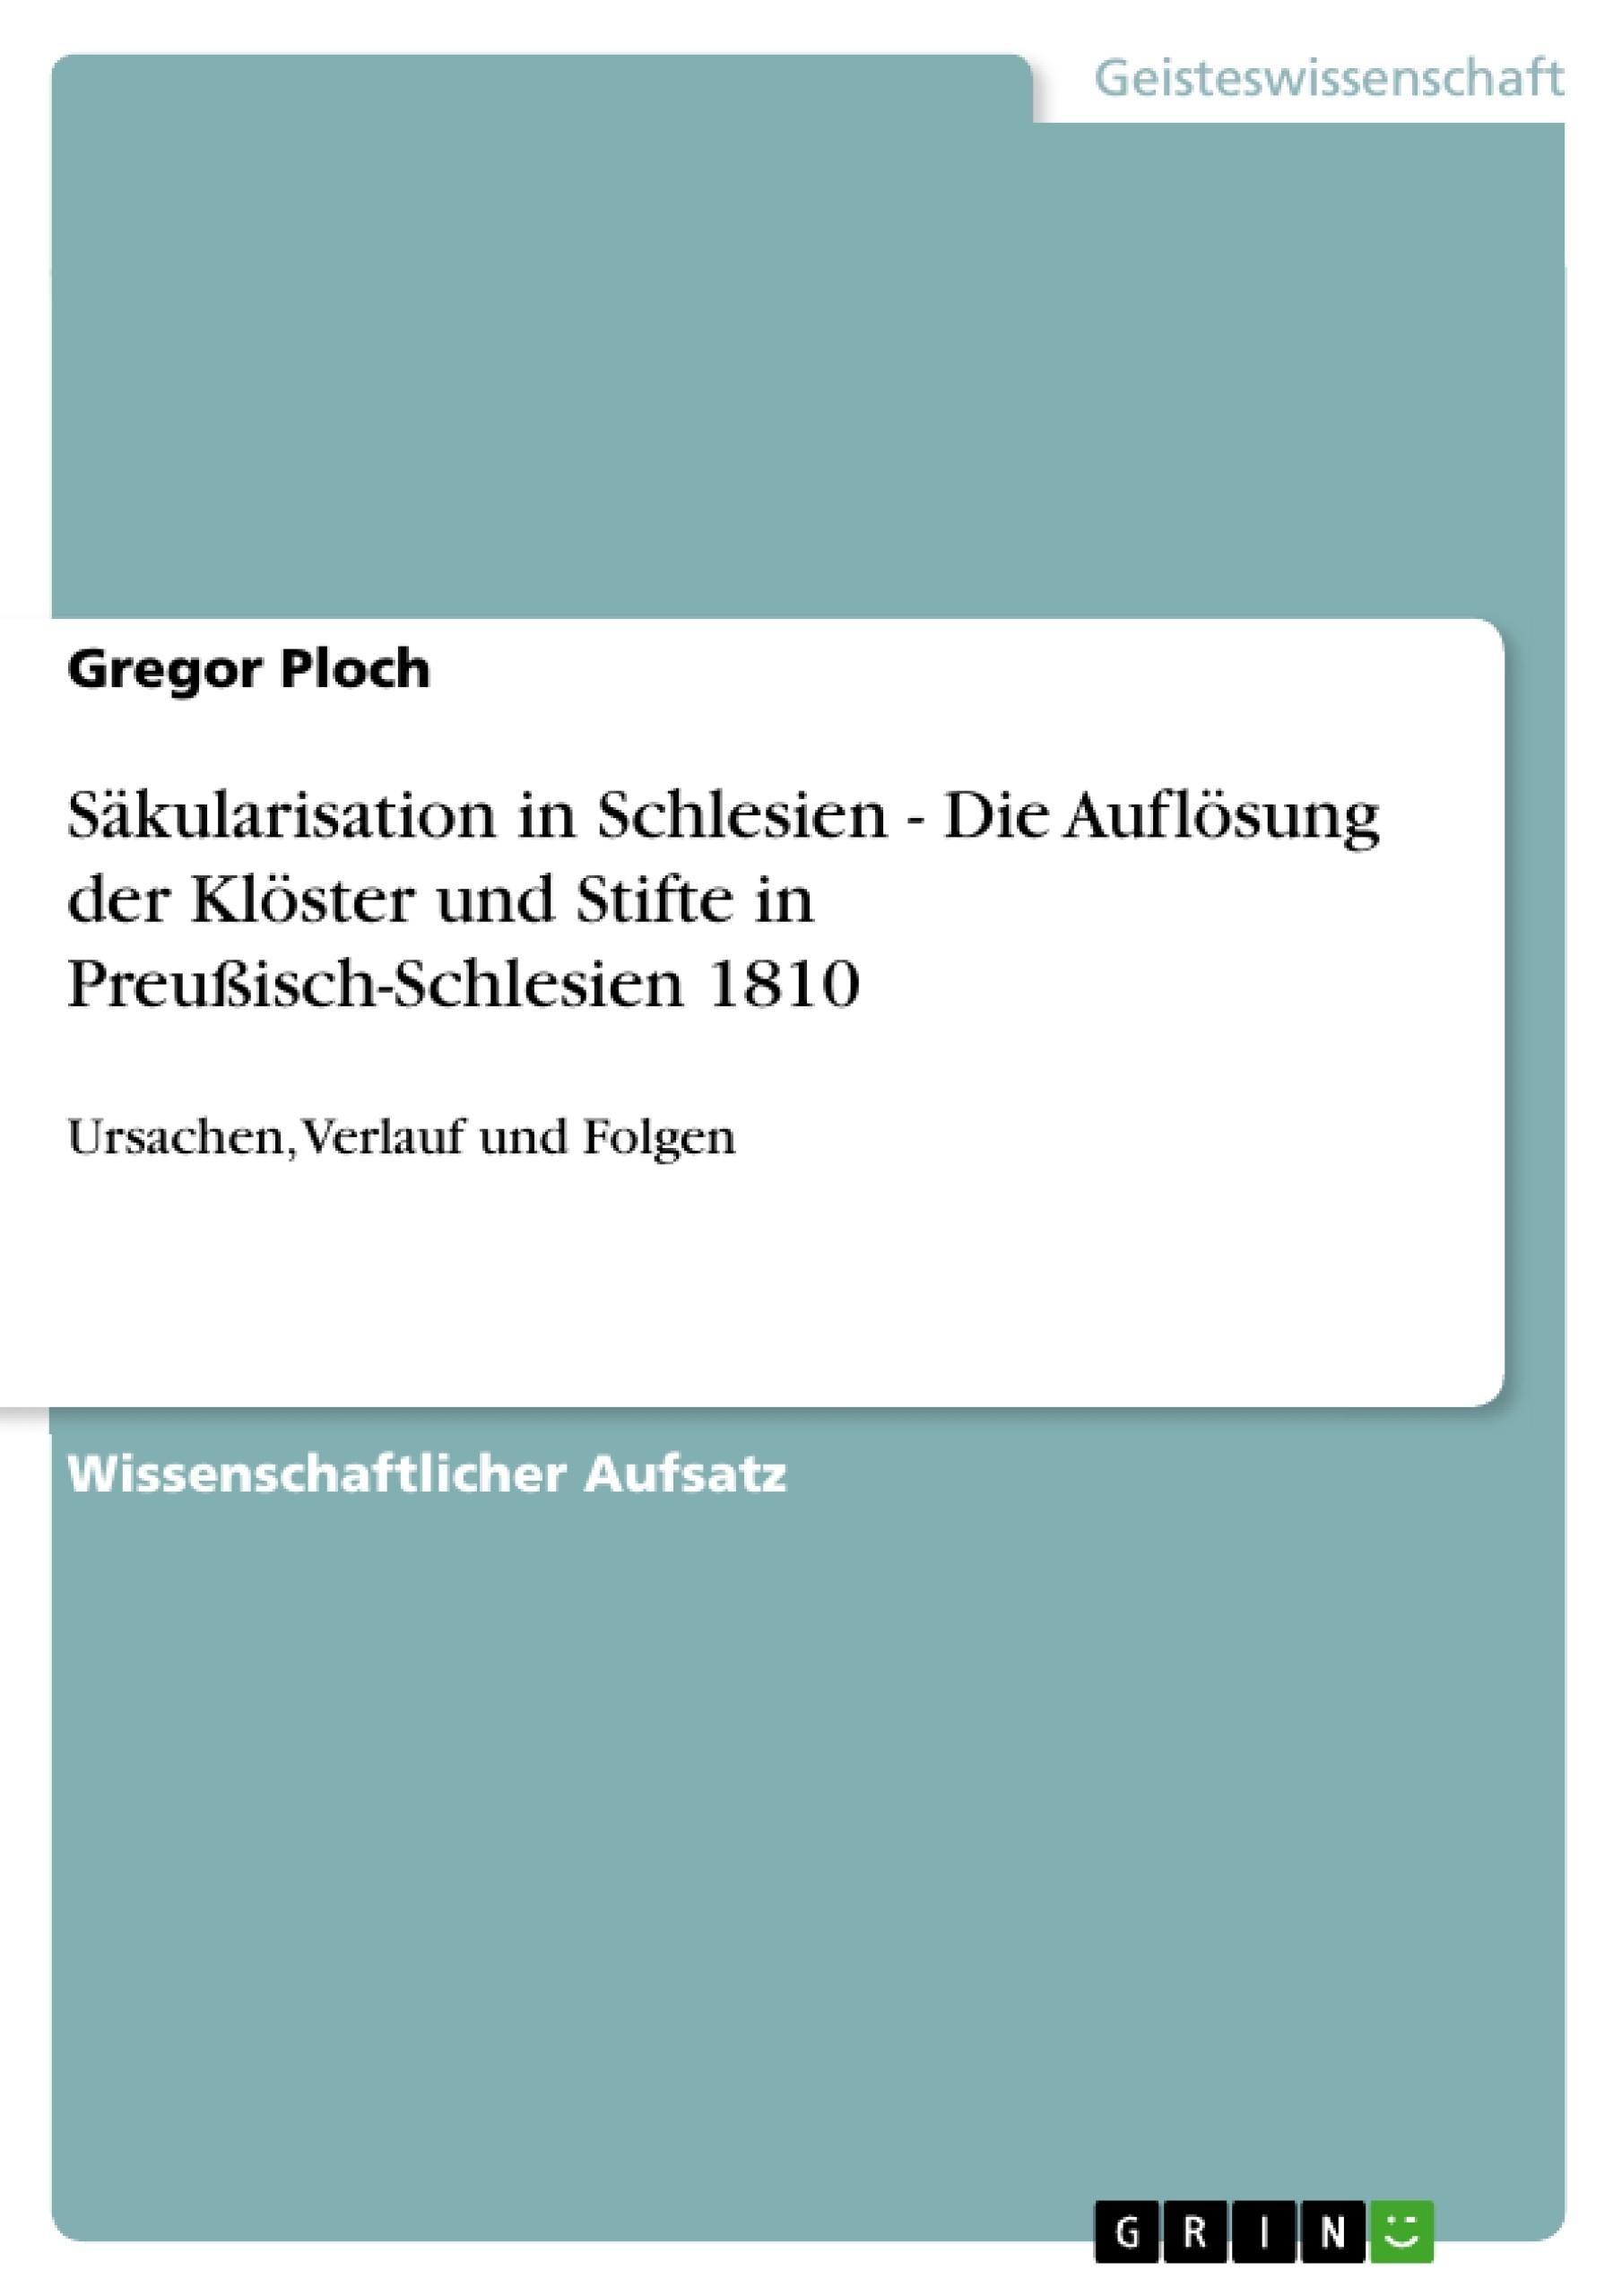 Titel: Säkularisation in Schlesien - Die Auflösung der Klöster und Stifte in Preußisch-Schlesien 1810